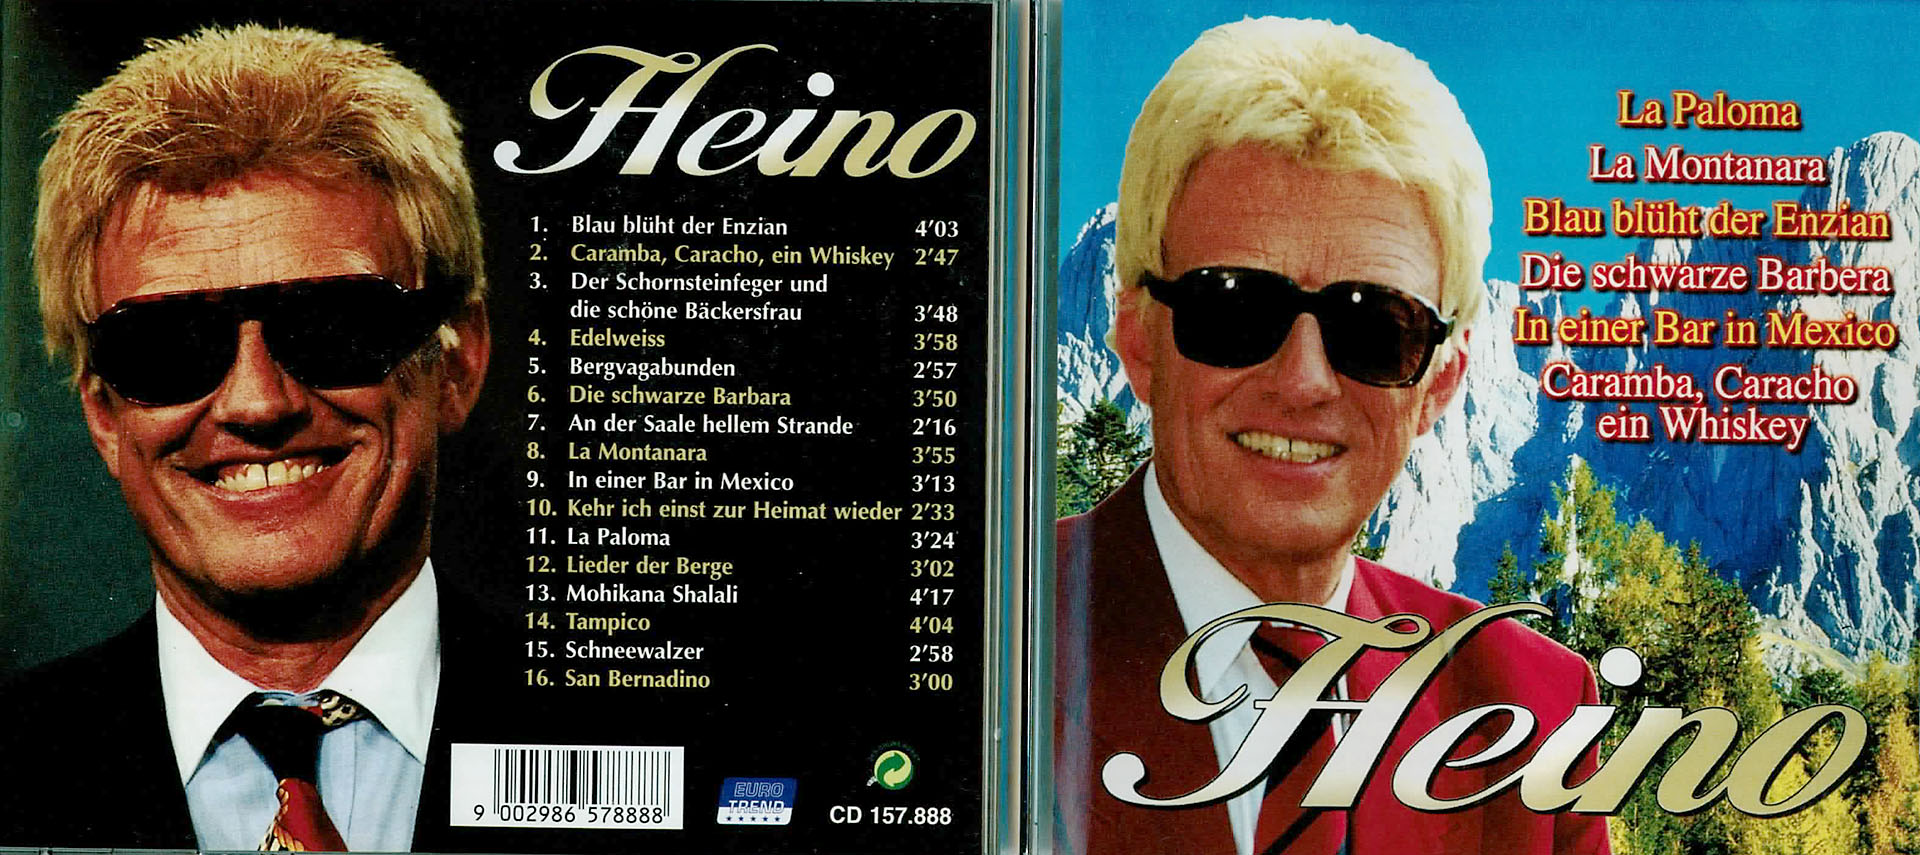 Heino - Heino